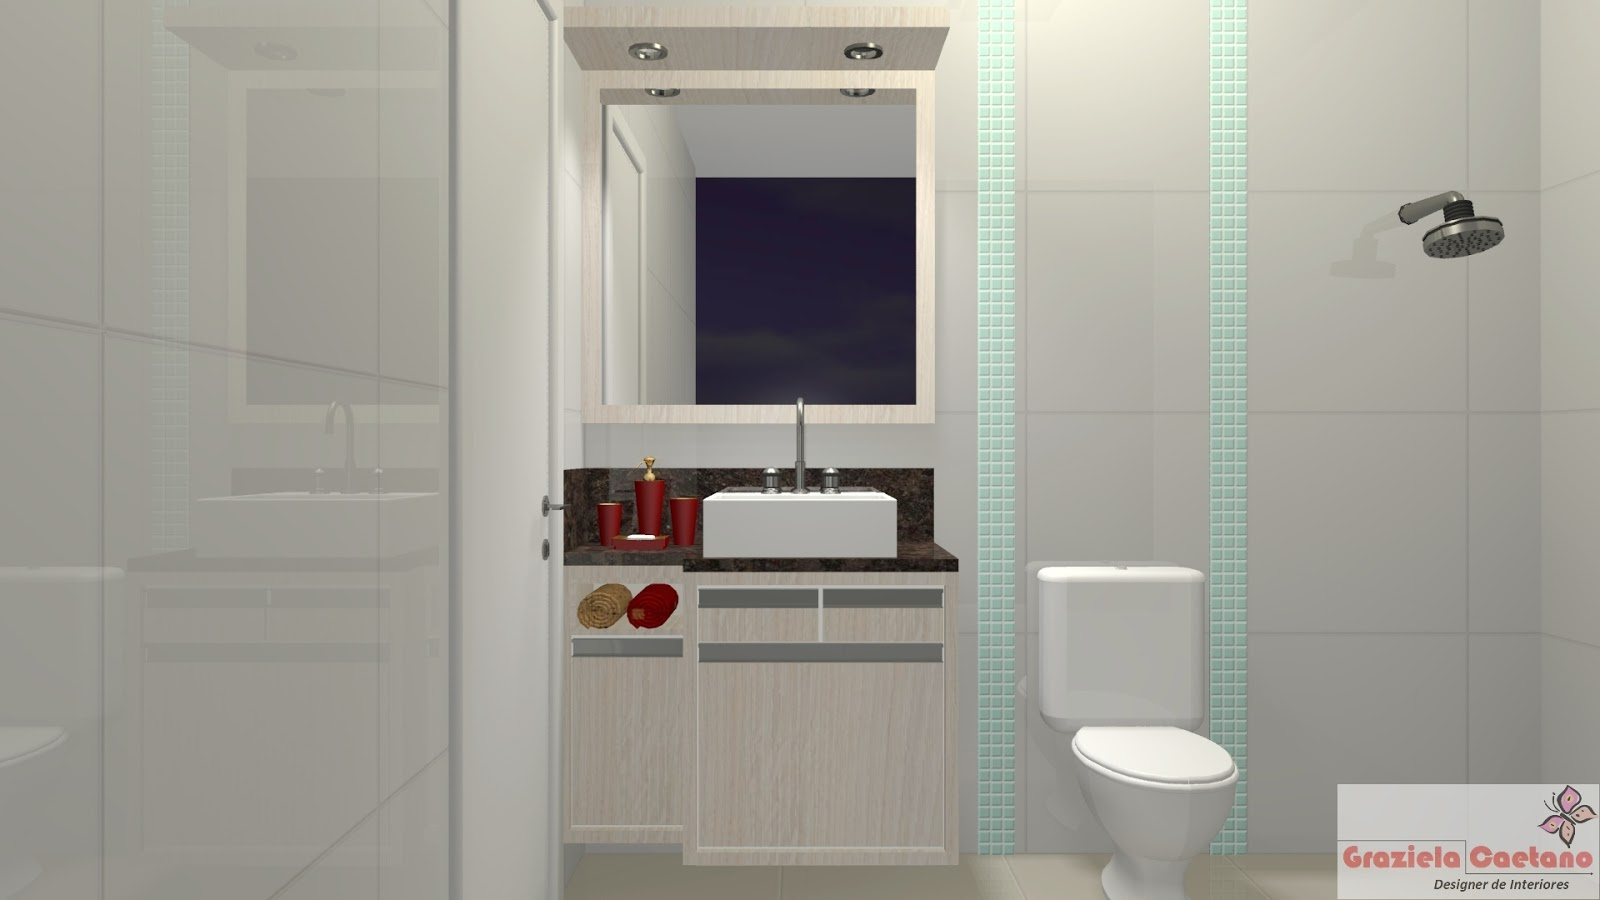 Espaço Nobre Design: Balcão de Banheiro (Carvalho Latino) #662620 1600x900 Balcão Para Banheiro Bosi